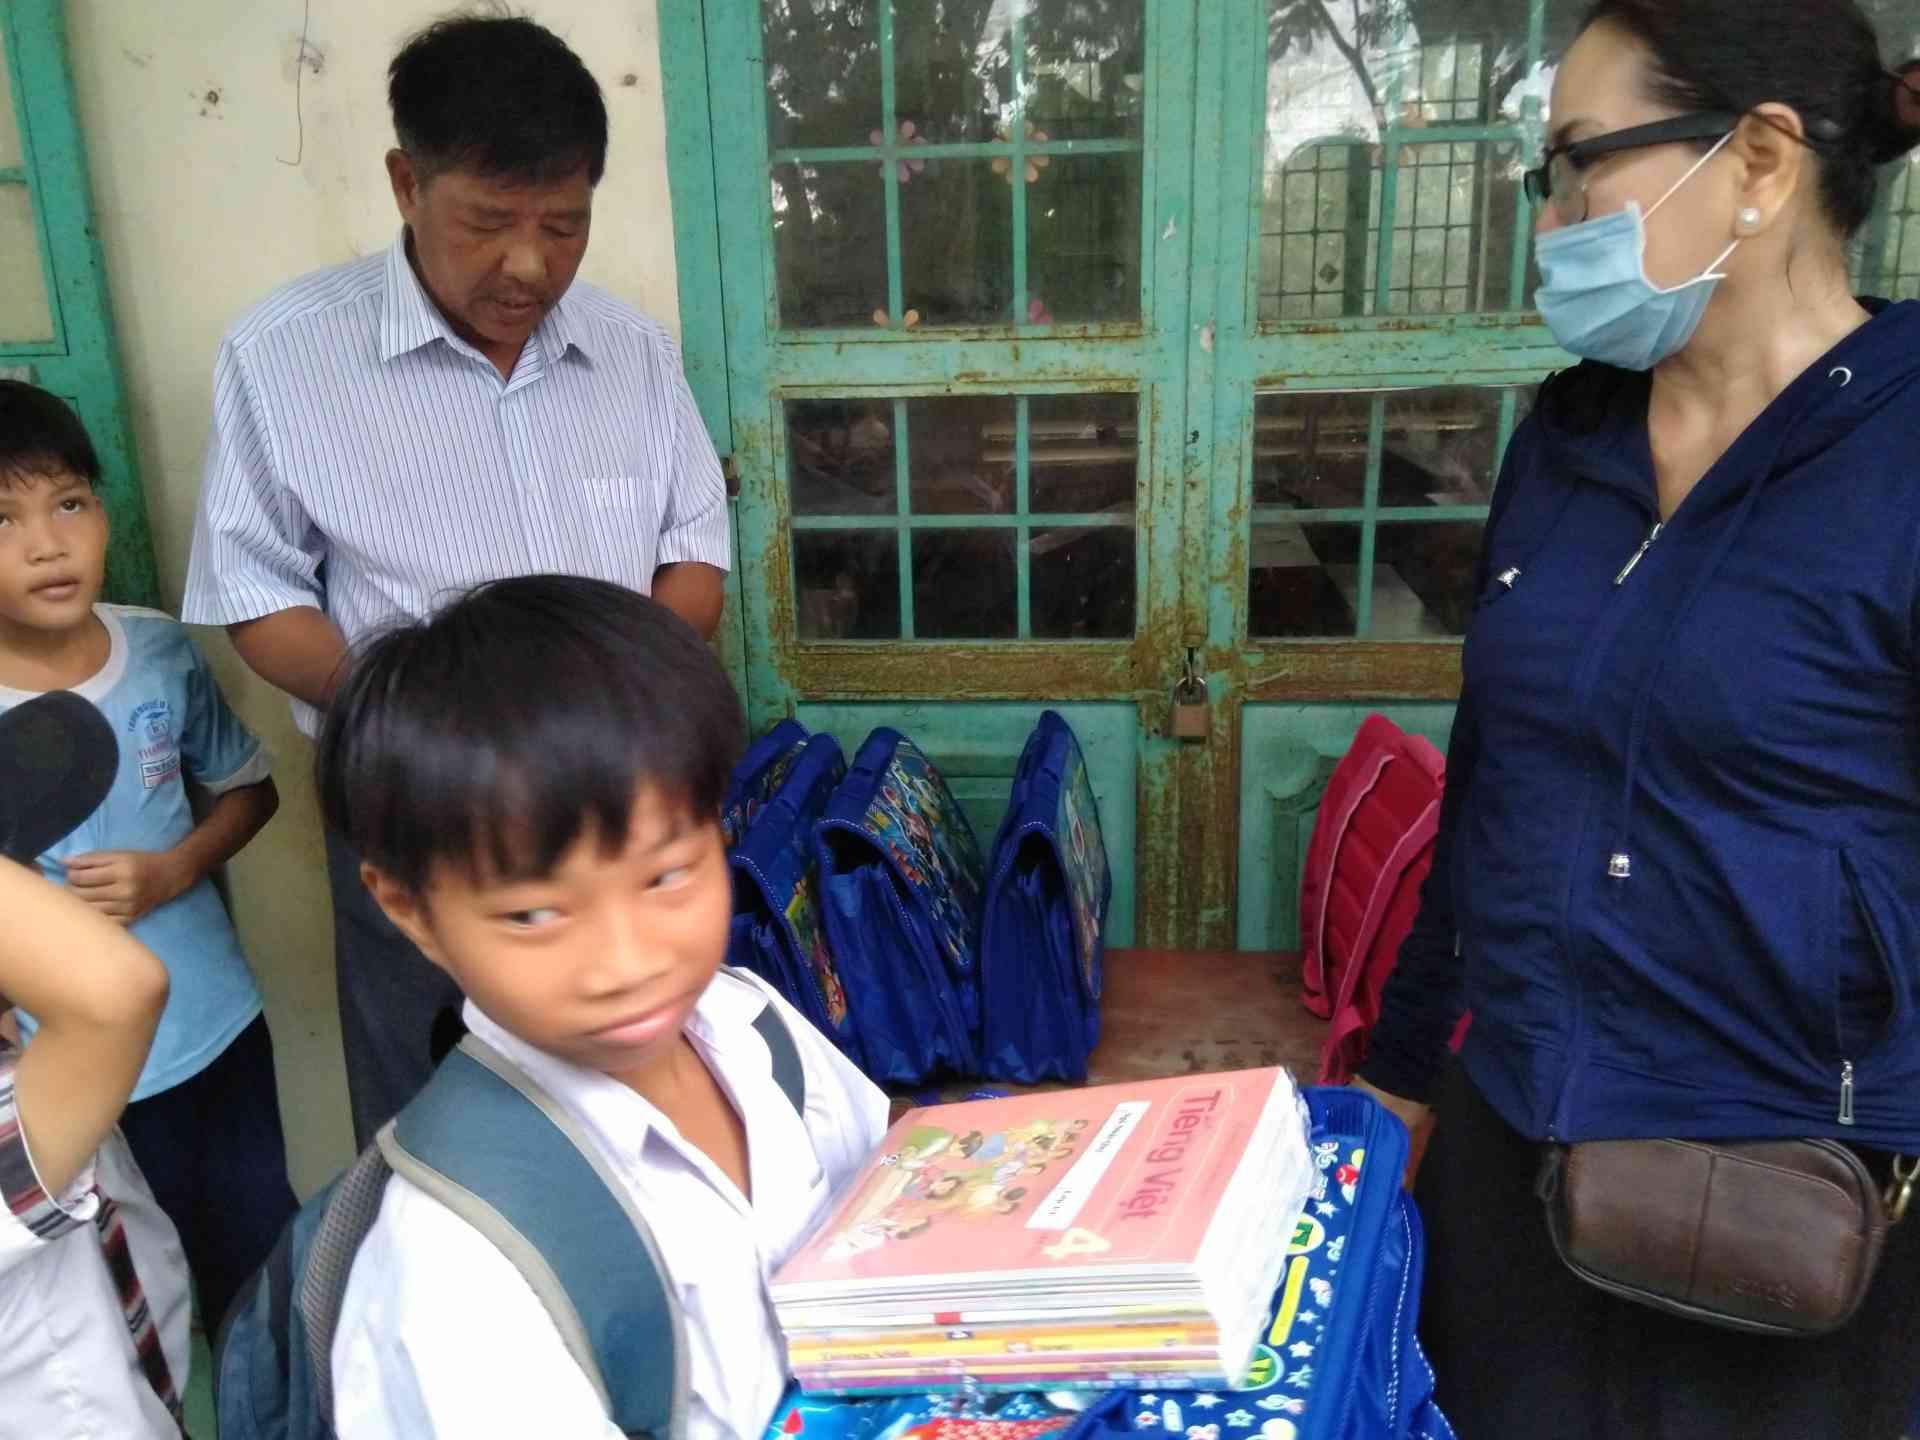 Thày Nguyễn Thành Tẫm( hiệu trưởng nhã trưởng) đang đọc danh sách phát quà cho học sinh.